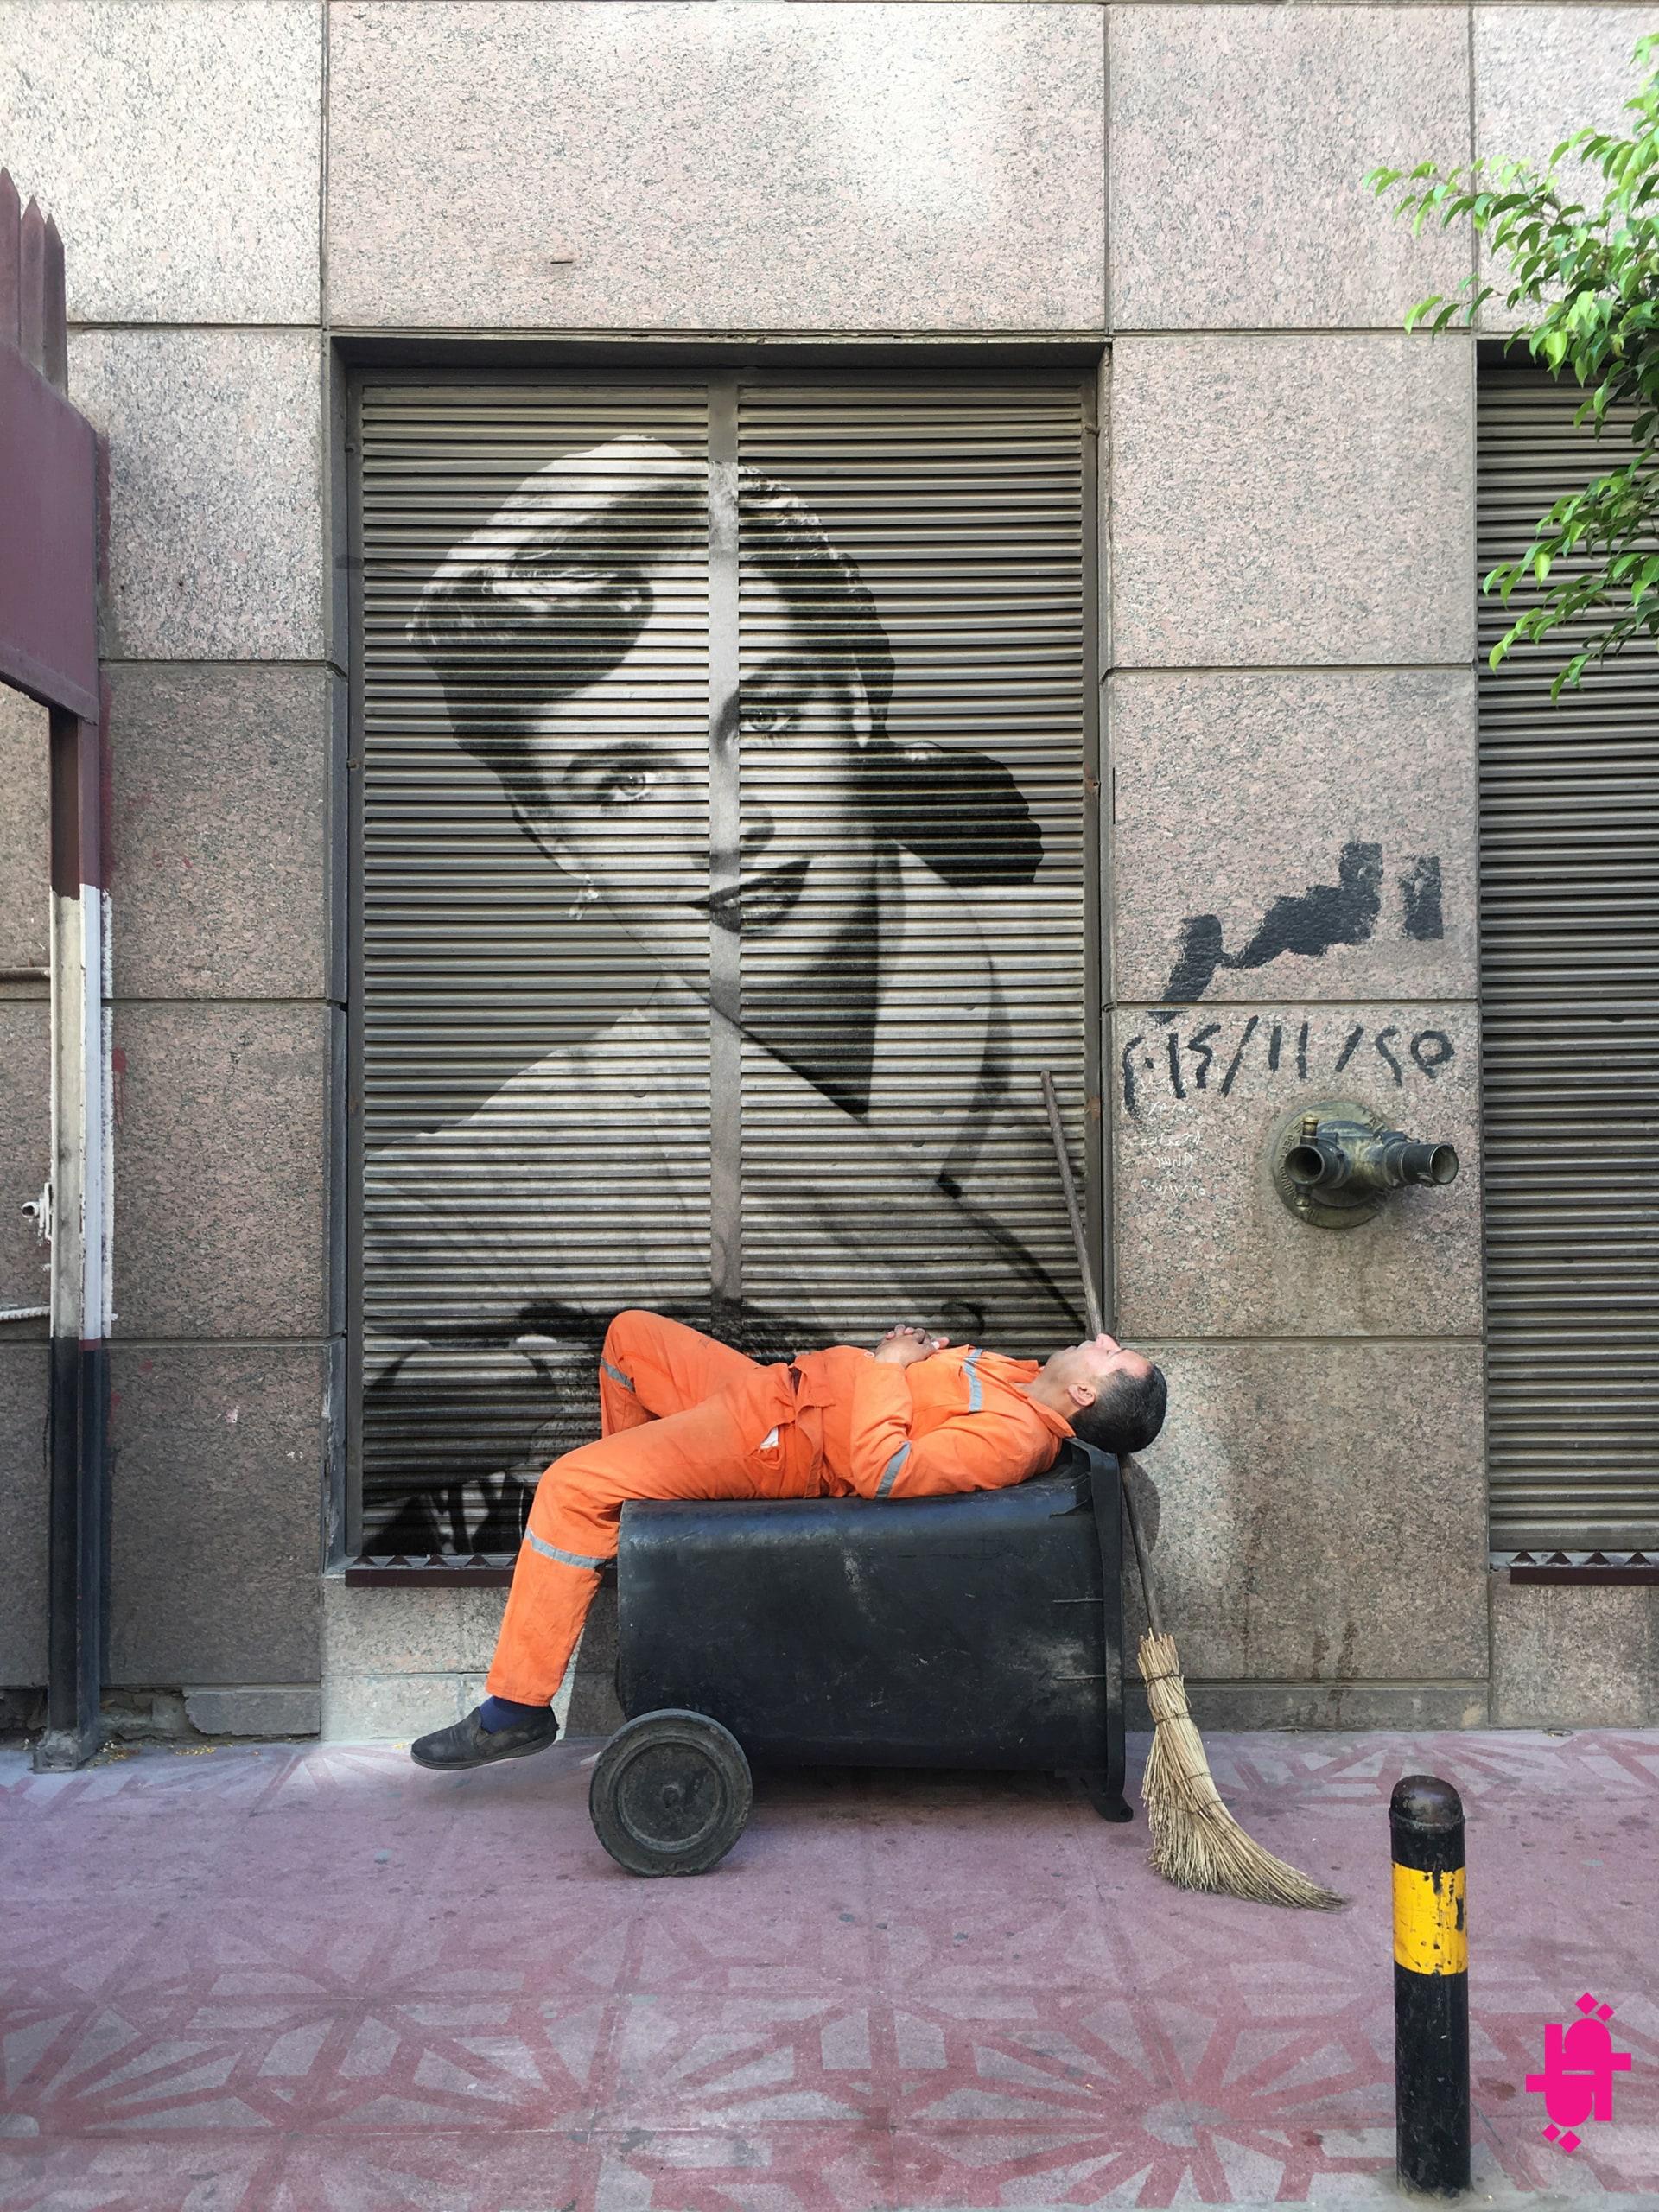 الفنان الإيطالي، كارمينيه كارتولانو